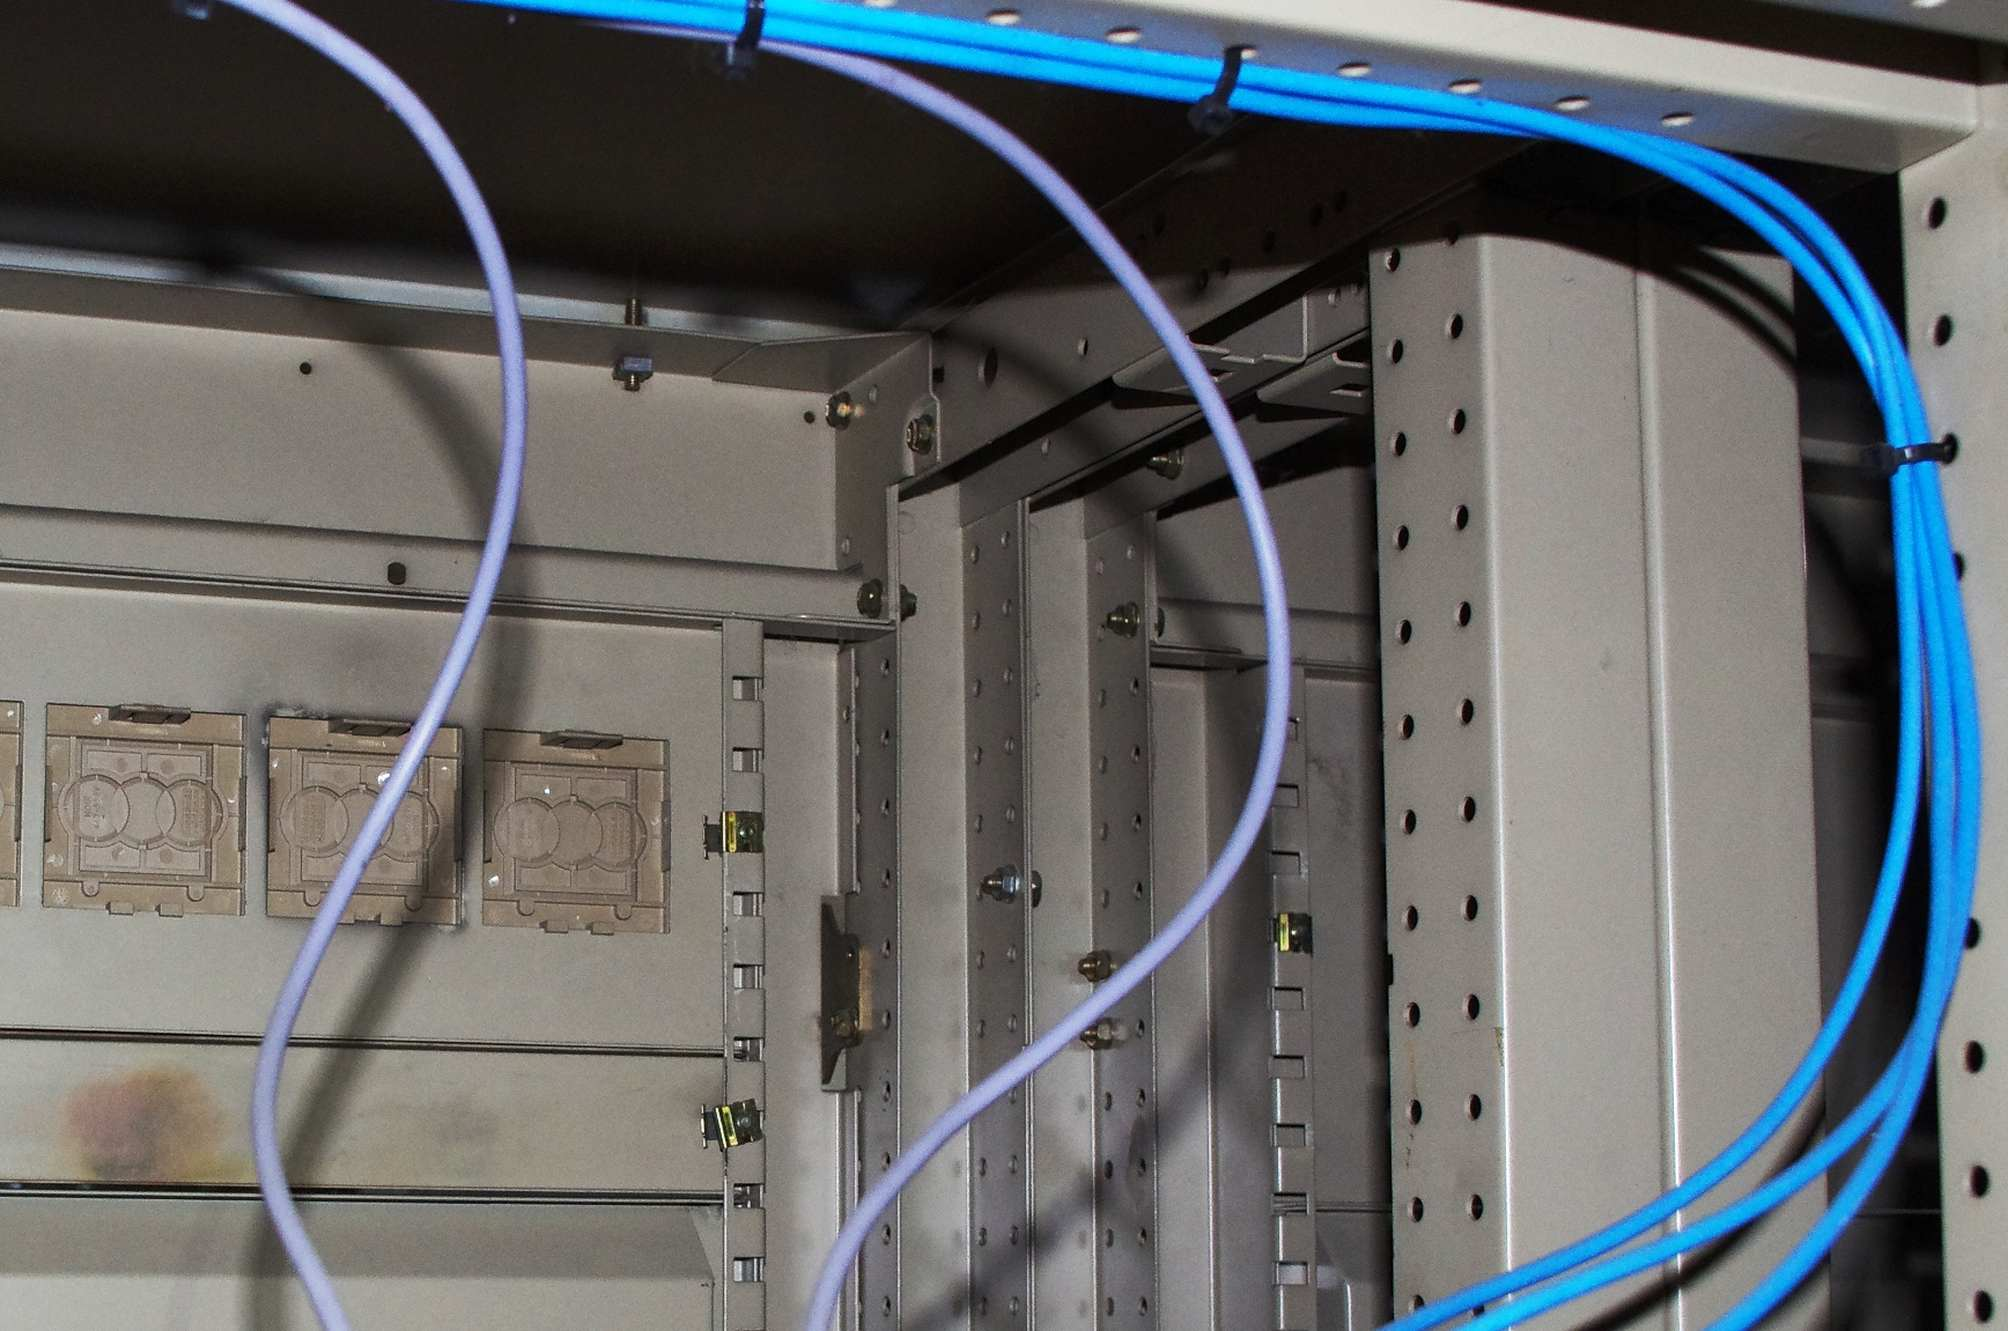 Colori fili elettrici impianti civili trendy sappiamo bene che un impianto suddiviso e con pi - Colori cavi elettrici casa ...